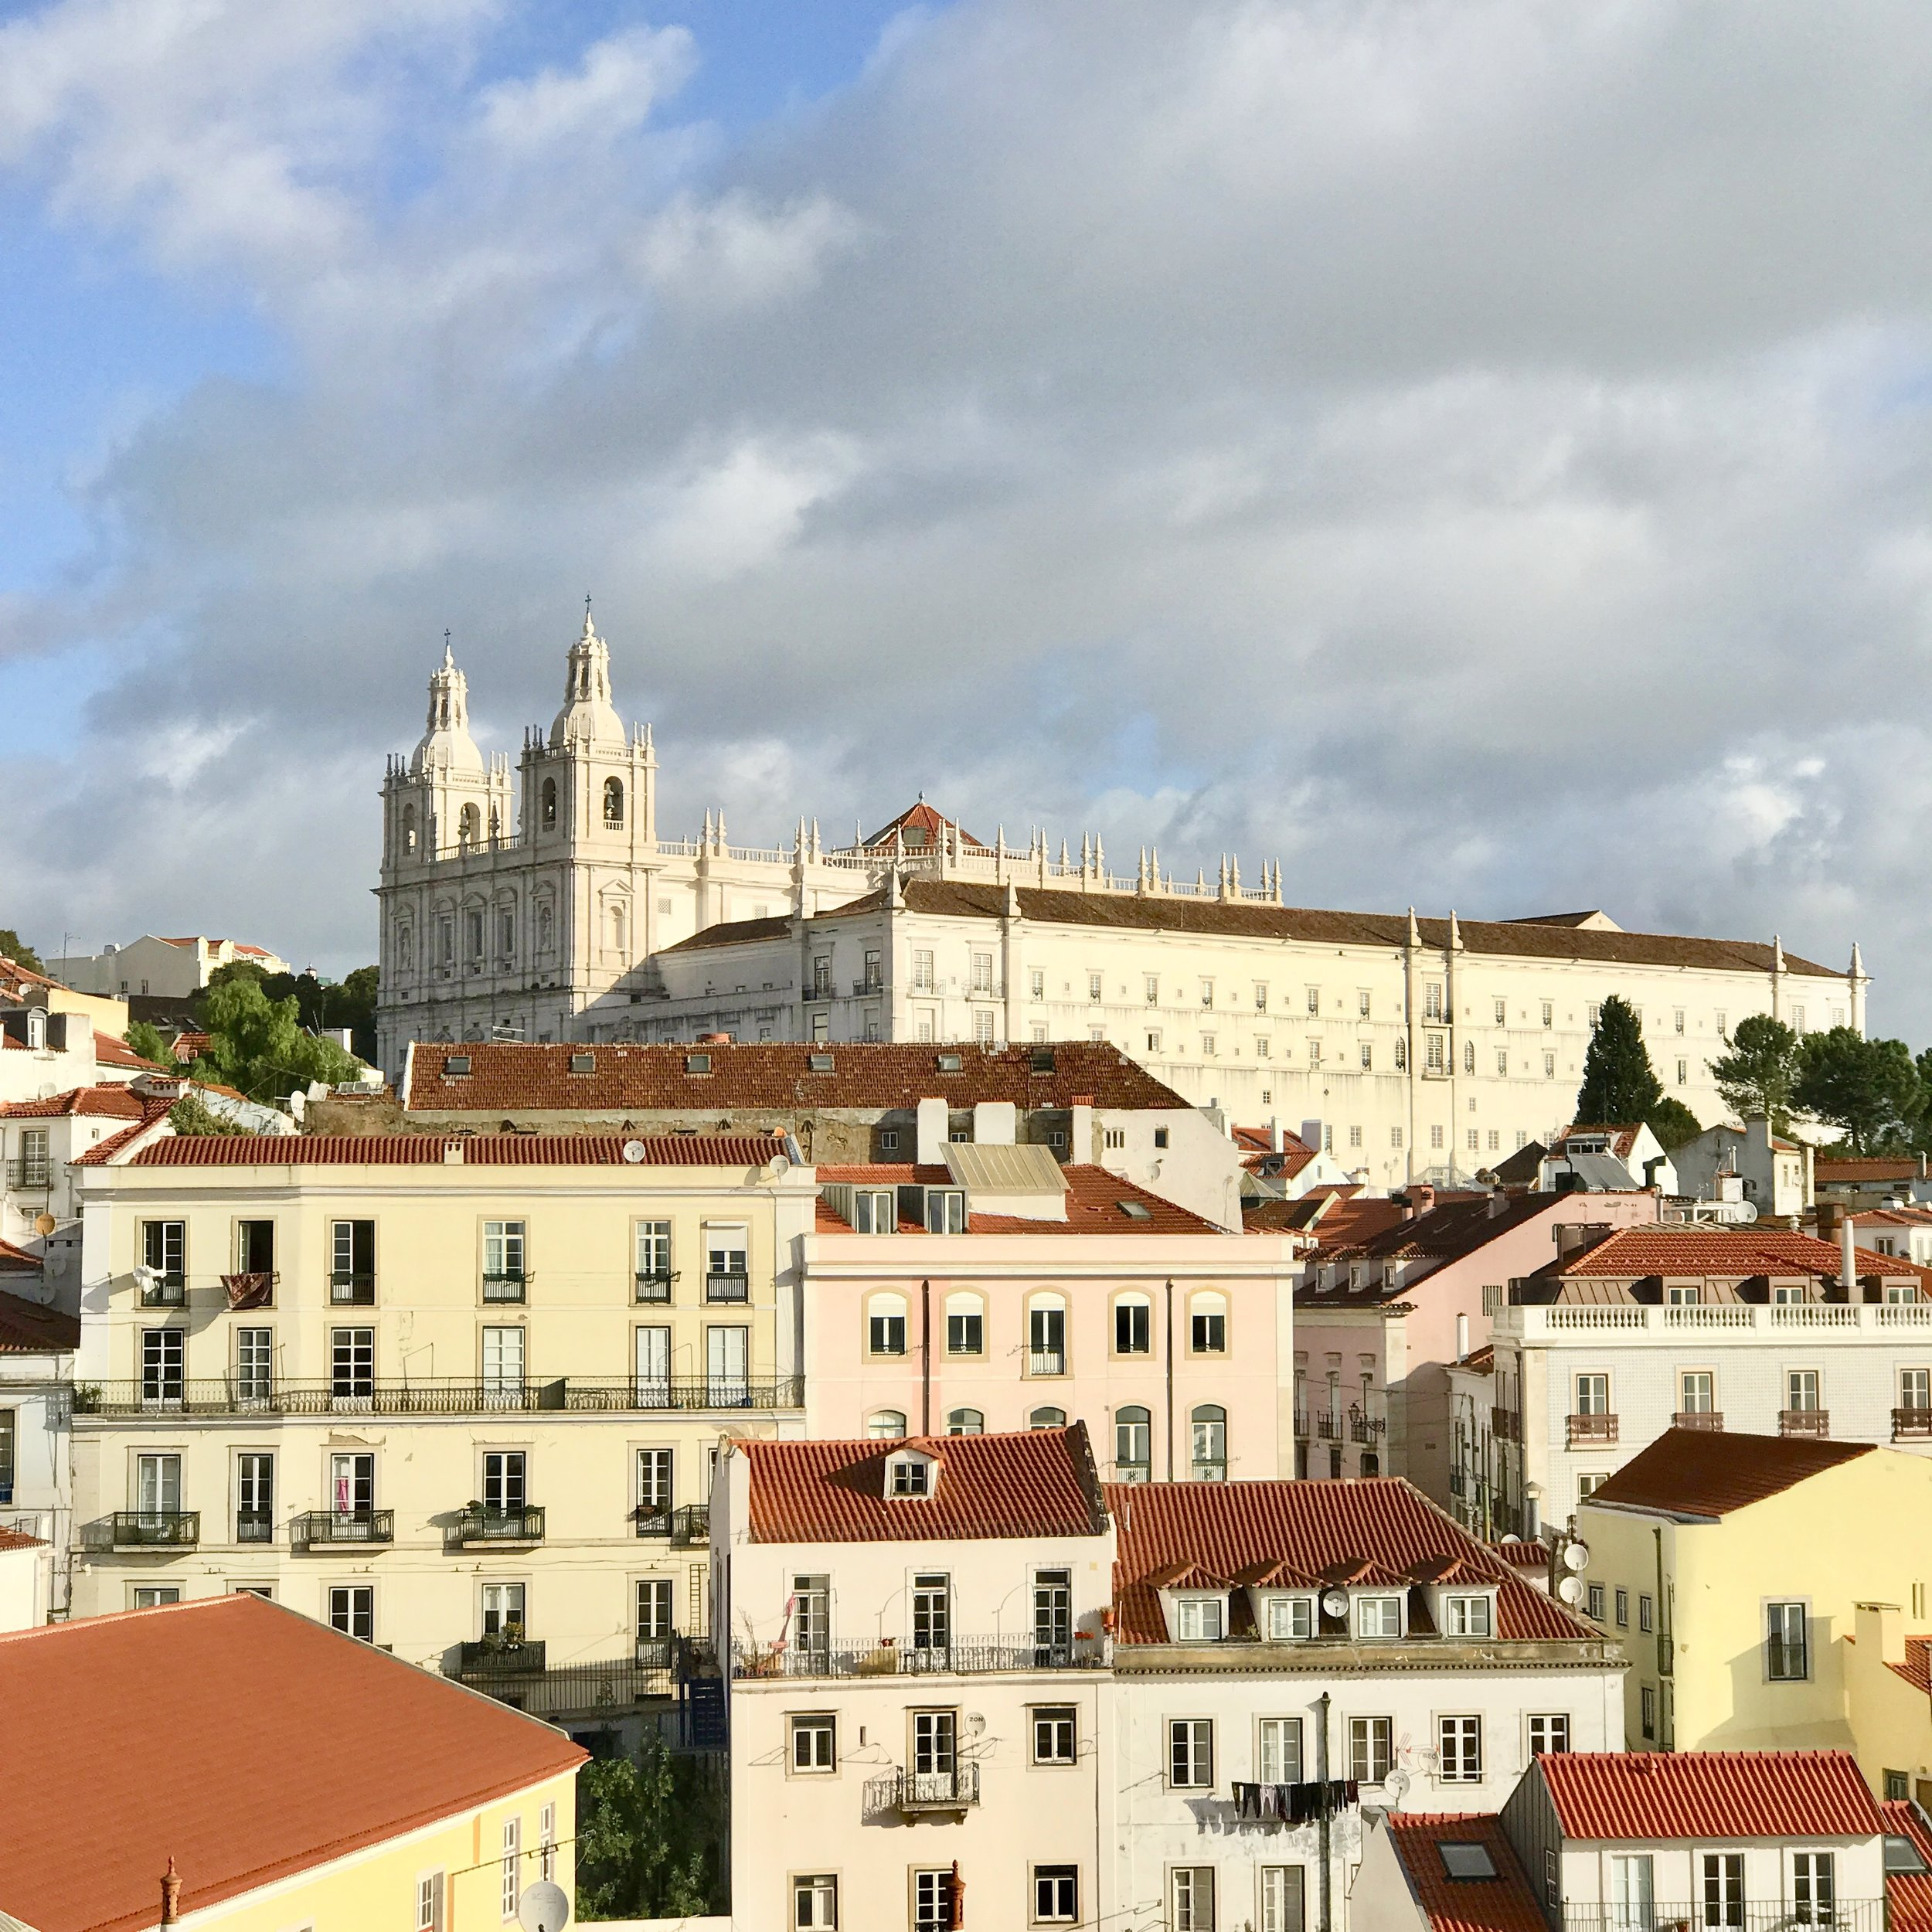 The LUmiares - Rua do Diario de Noticias 142, 1200-146 Lisbon, PortugalTel: +351 21 116 0200www.thelumiares.com